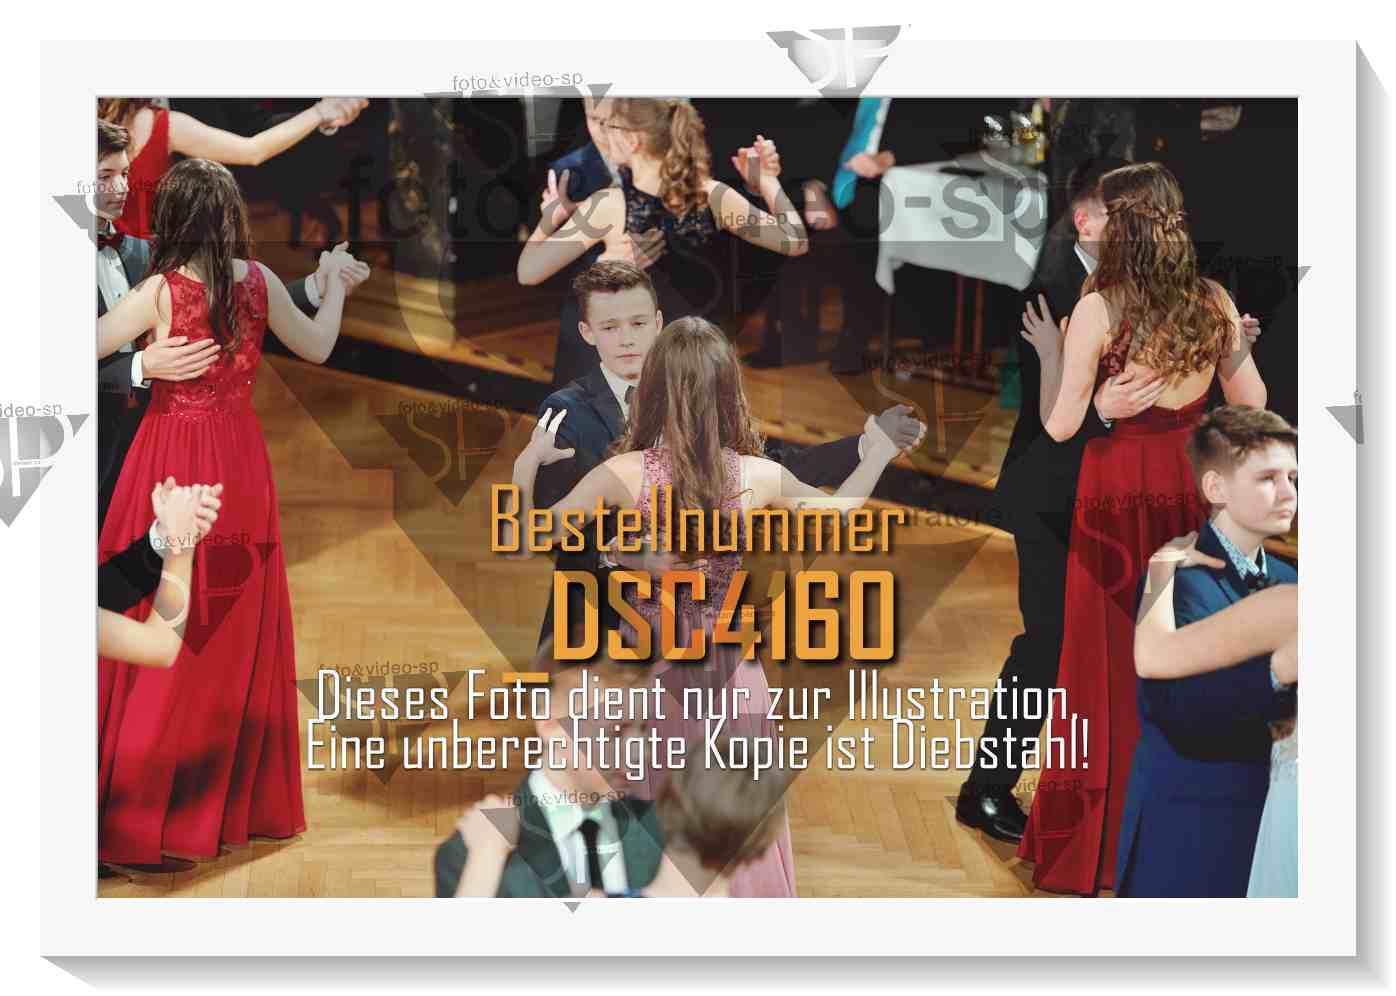 DSC4160